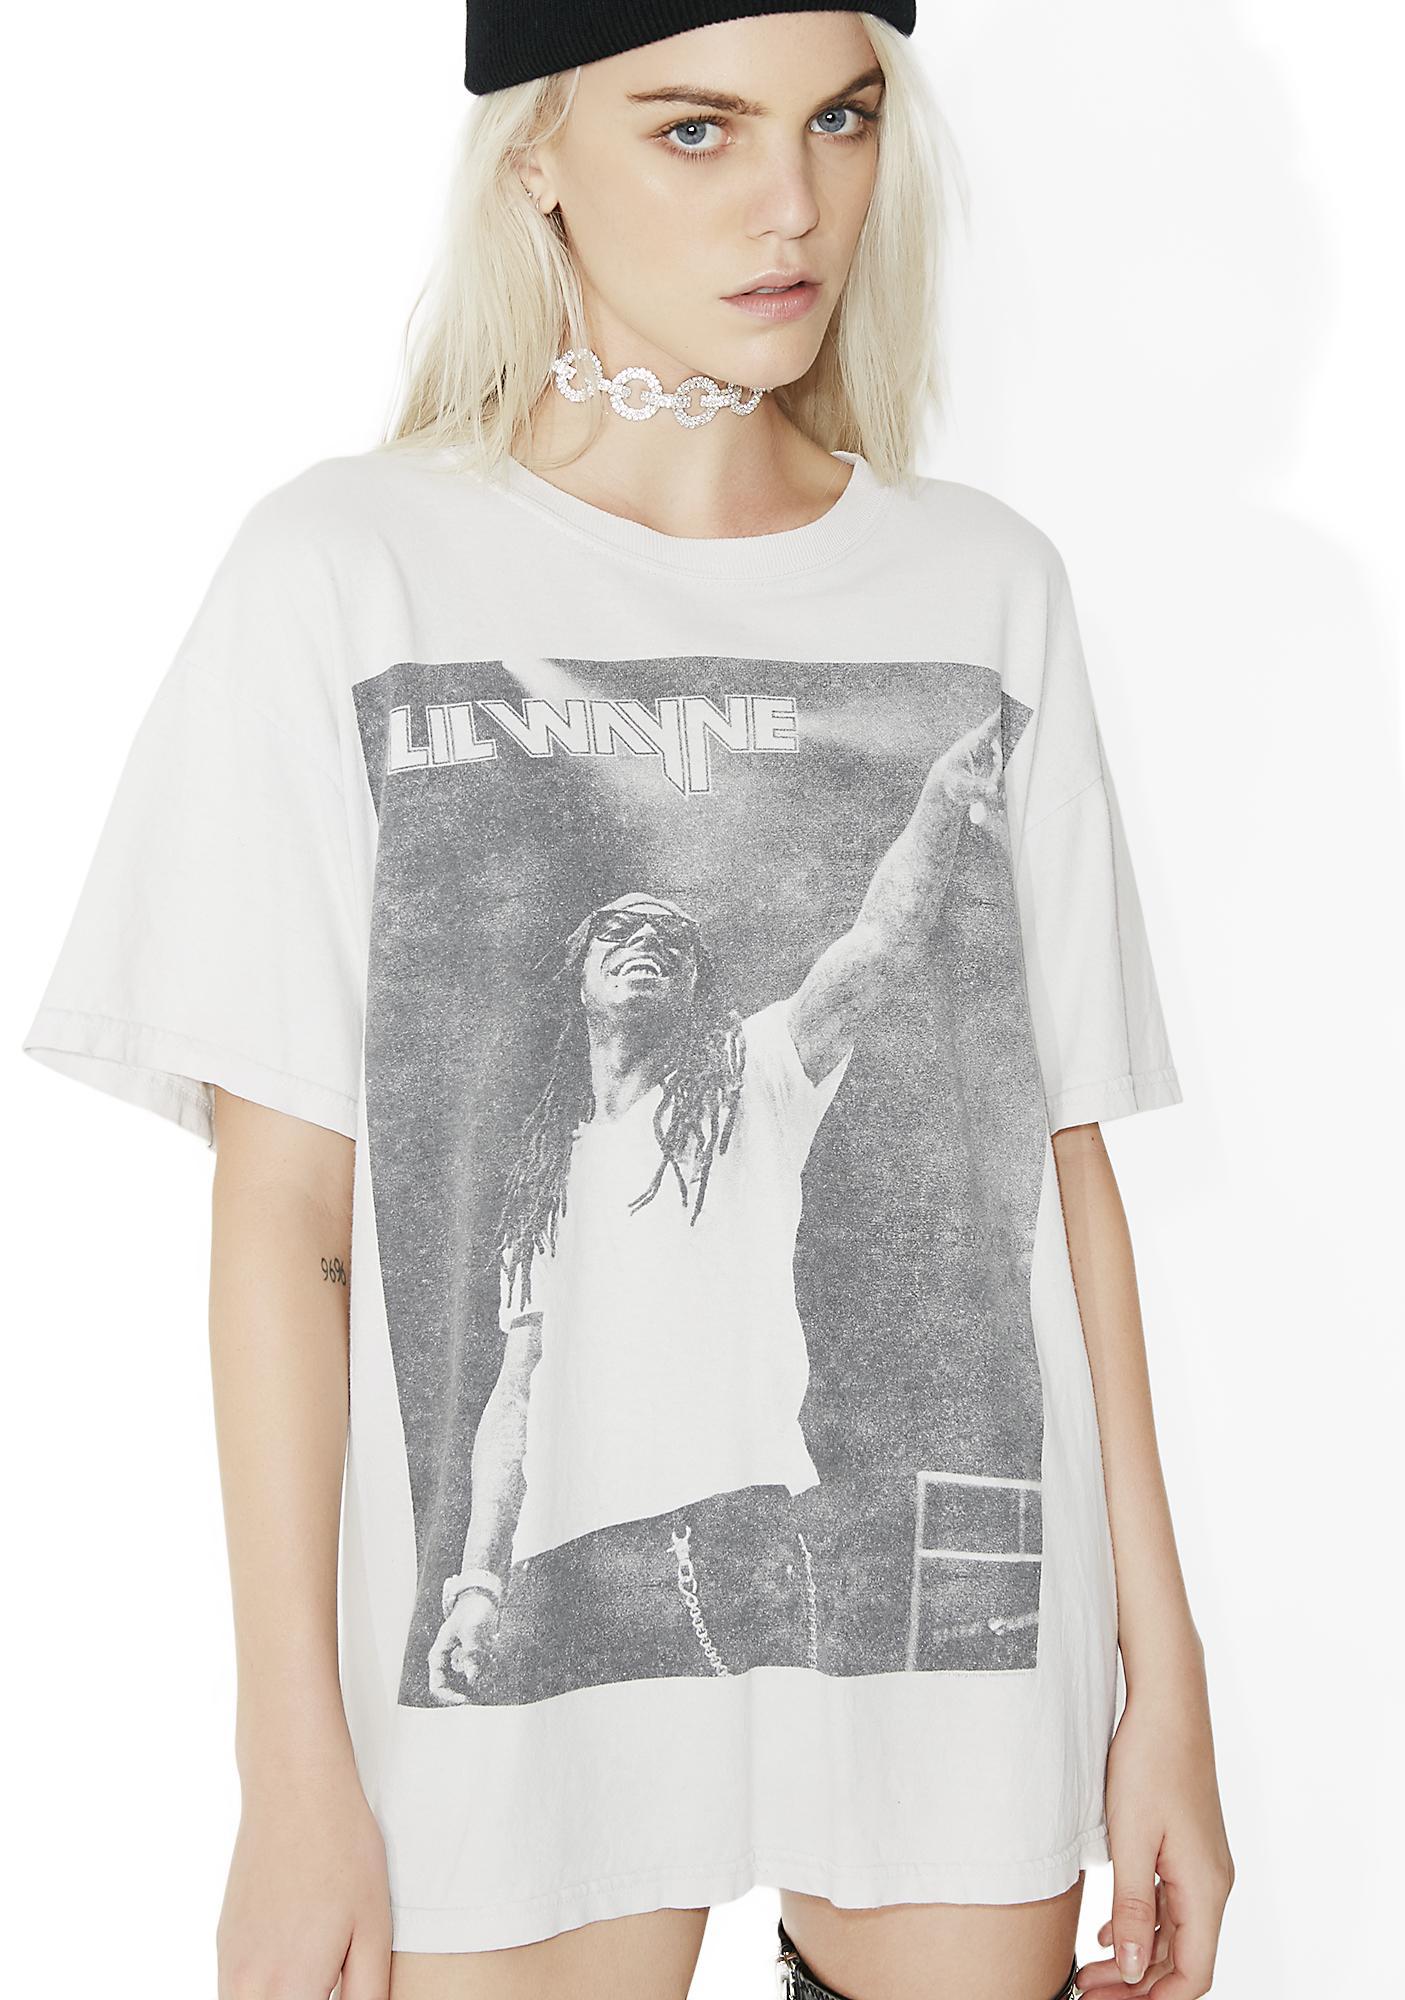 Vintage Lil Wayne Tee